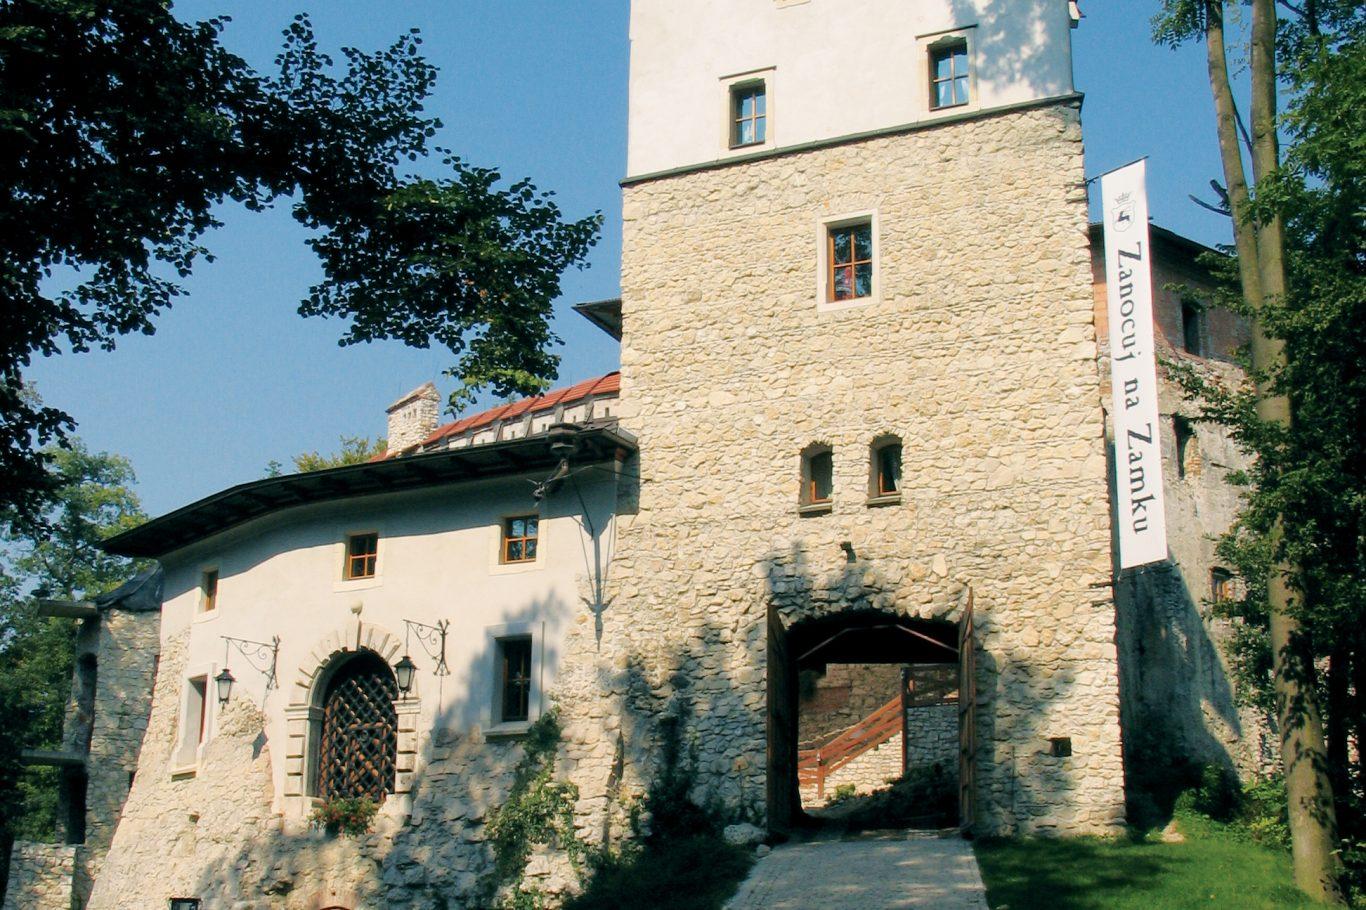 ZAMEK W KORZKWI, fot. M. Klag (MIK, 2007) CC BY SA 3.0